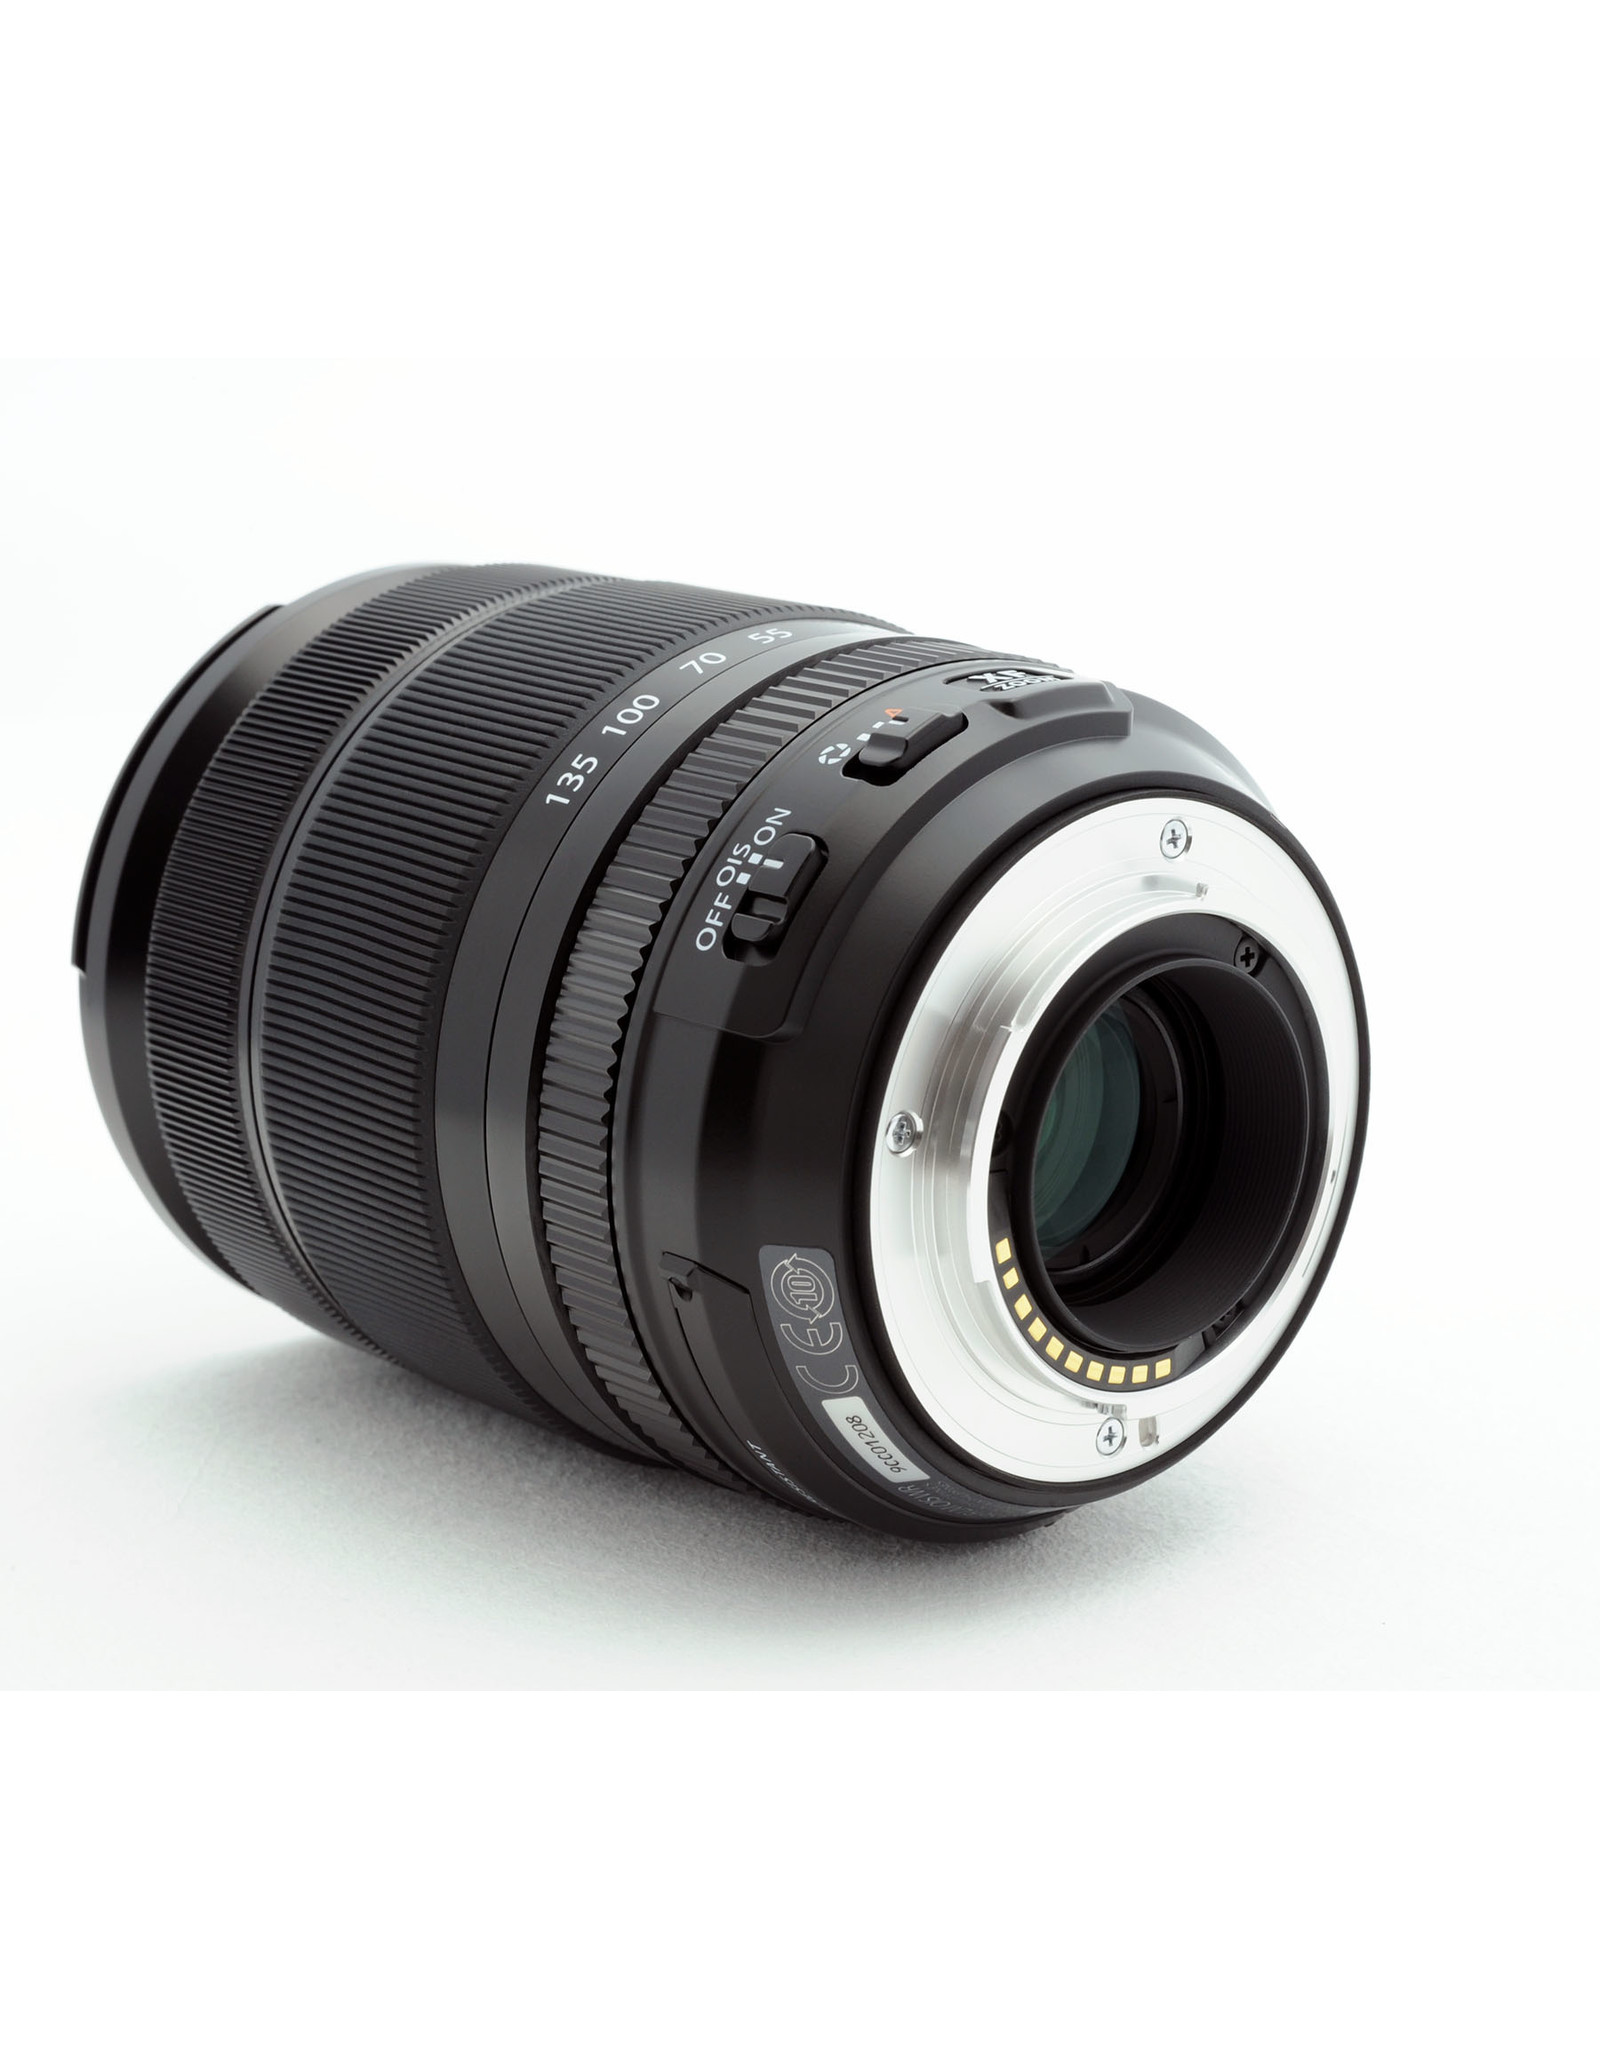 Fujifilm Fujifilm XF18-135mm f3.5-5.6 R LM OIS WR Black   16537744